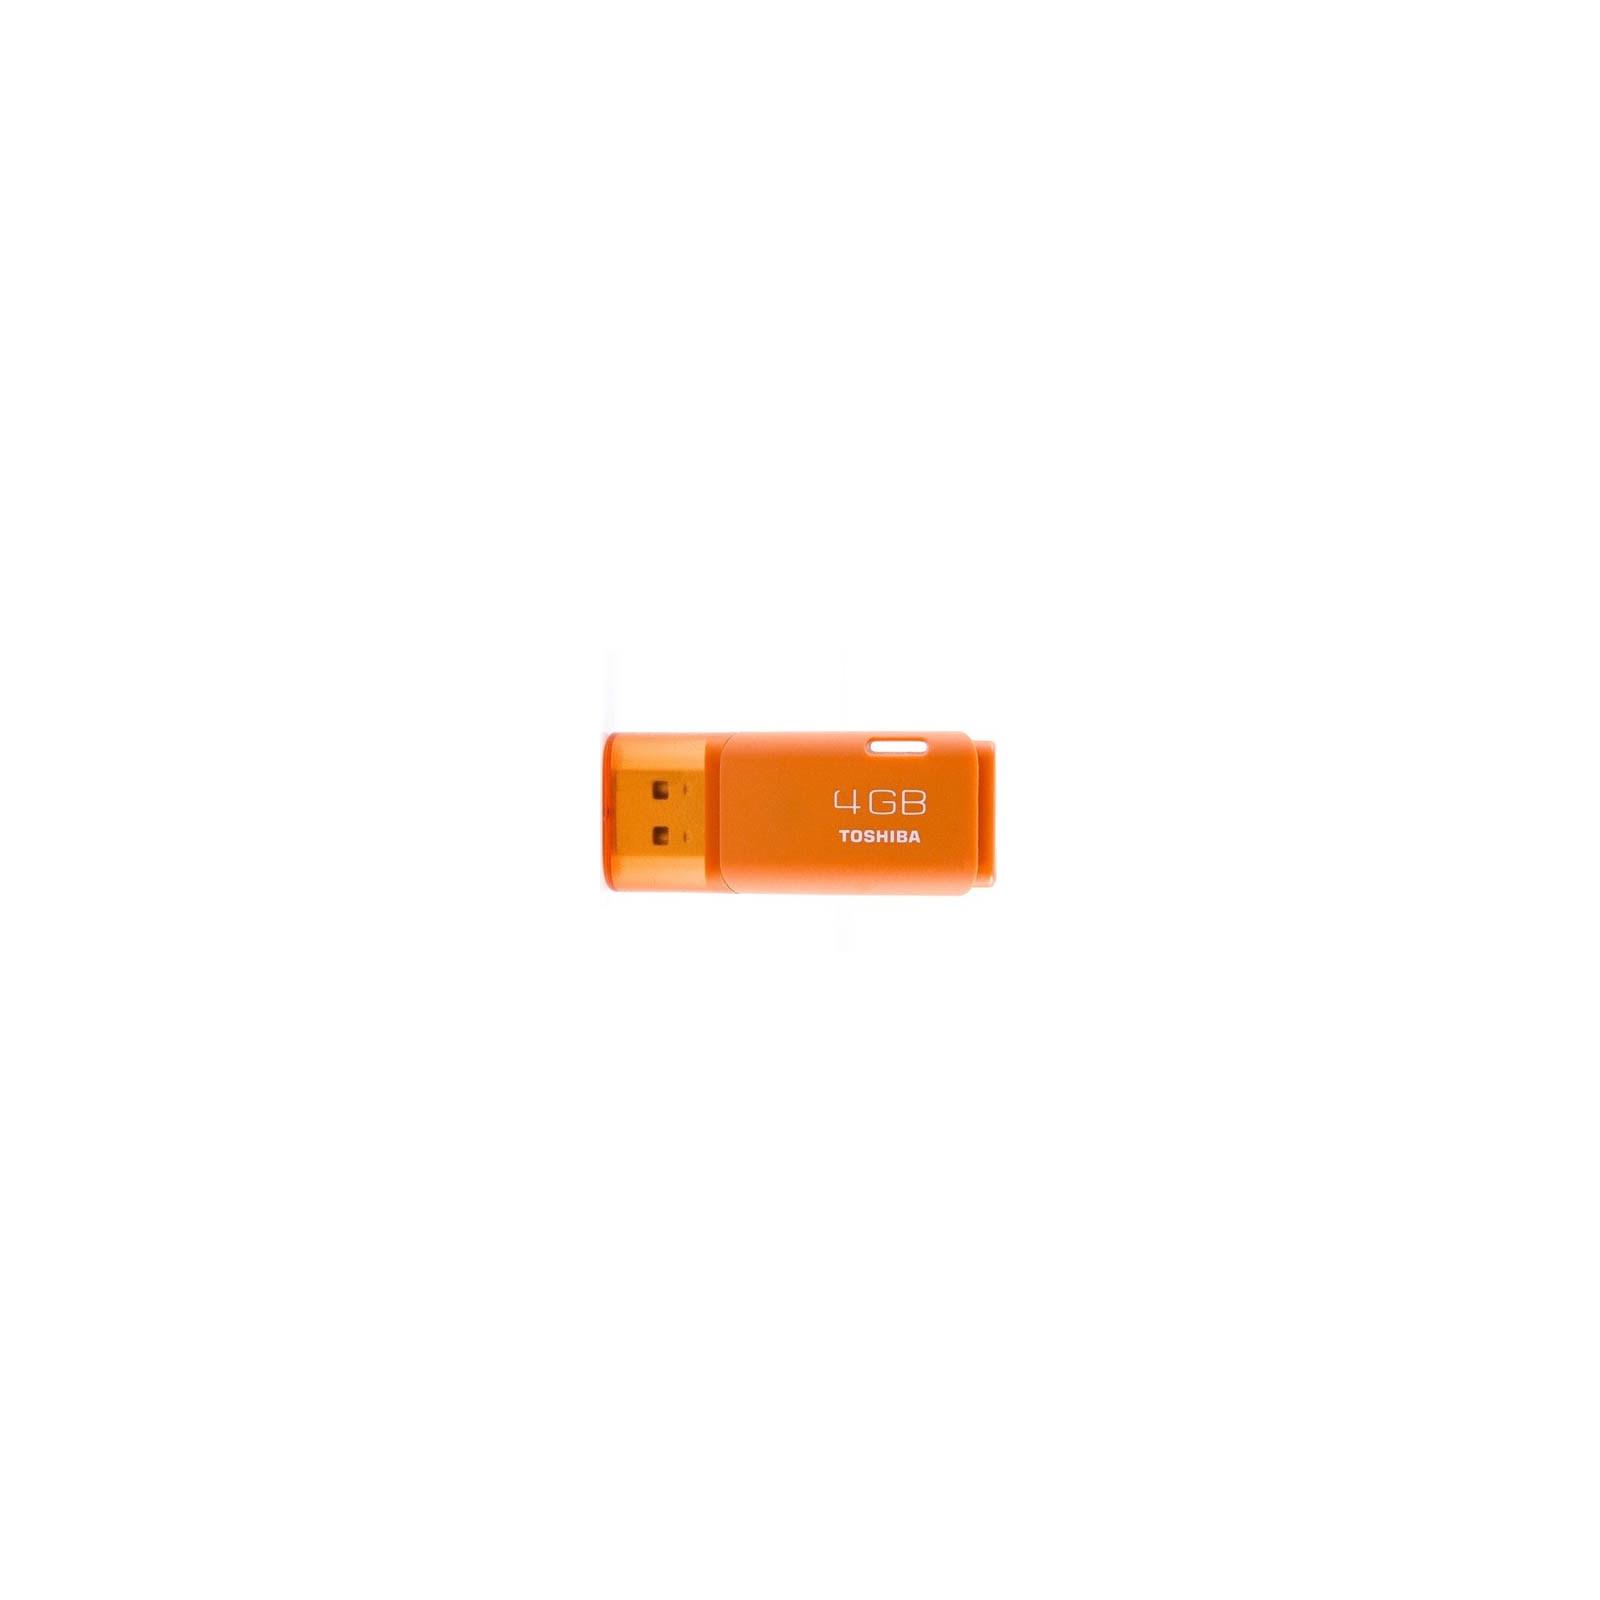 USB флеш накопитель TOSHIBA 4Gb HAYABUSA Orange (THNU04HAYORANG(BL5)